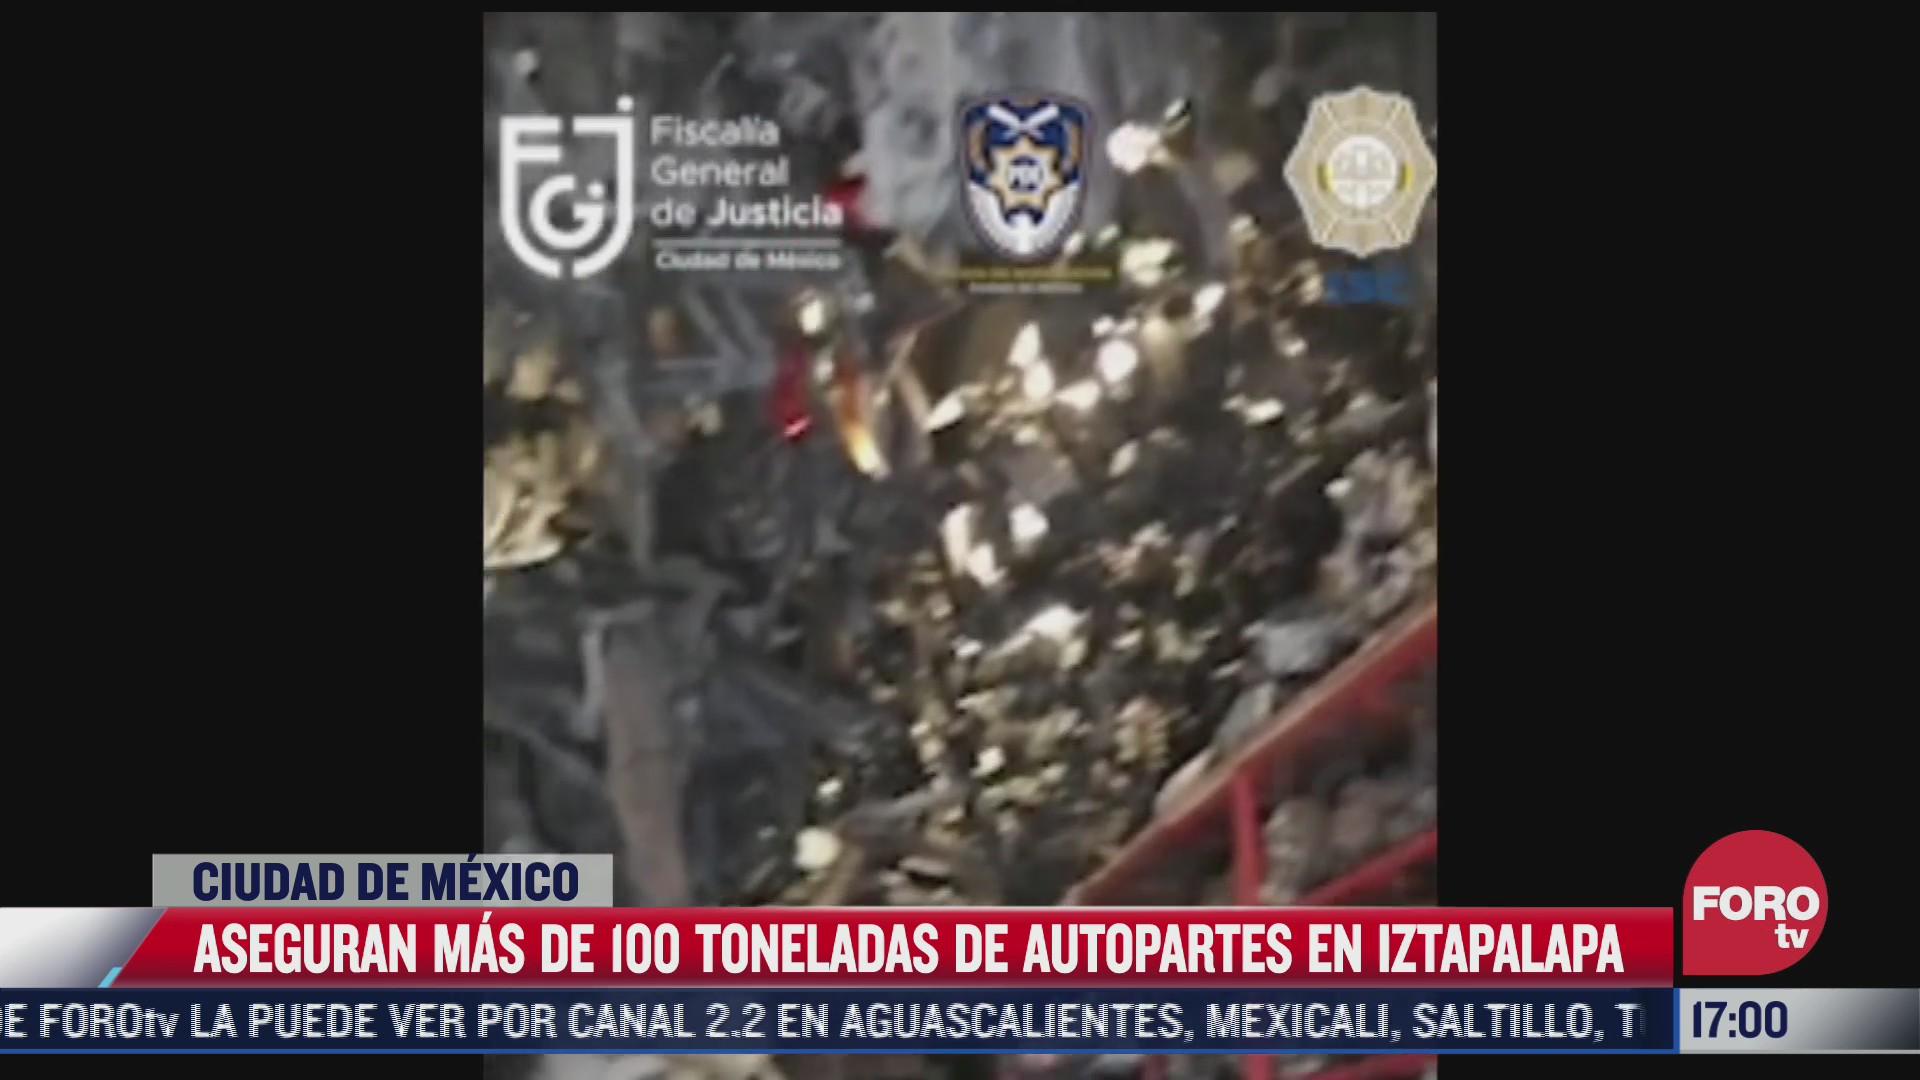 aseguran mas de 100 toneladas de autopartes en iztapalapa